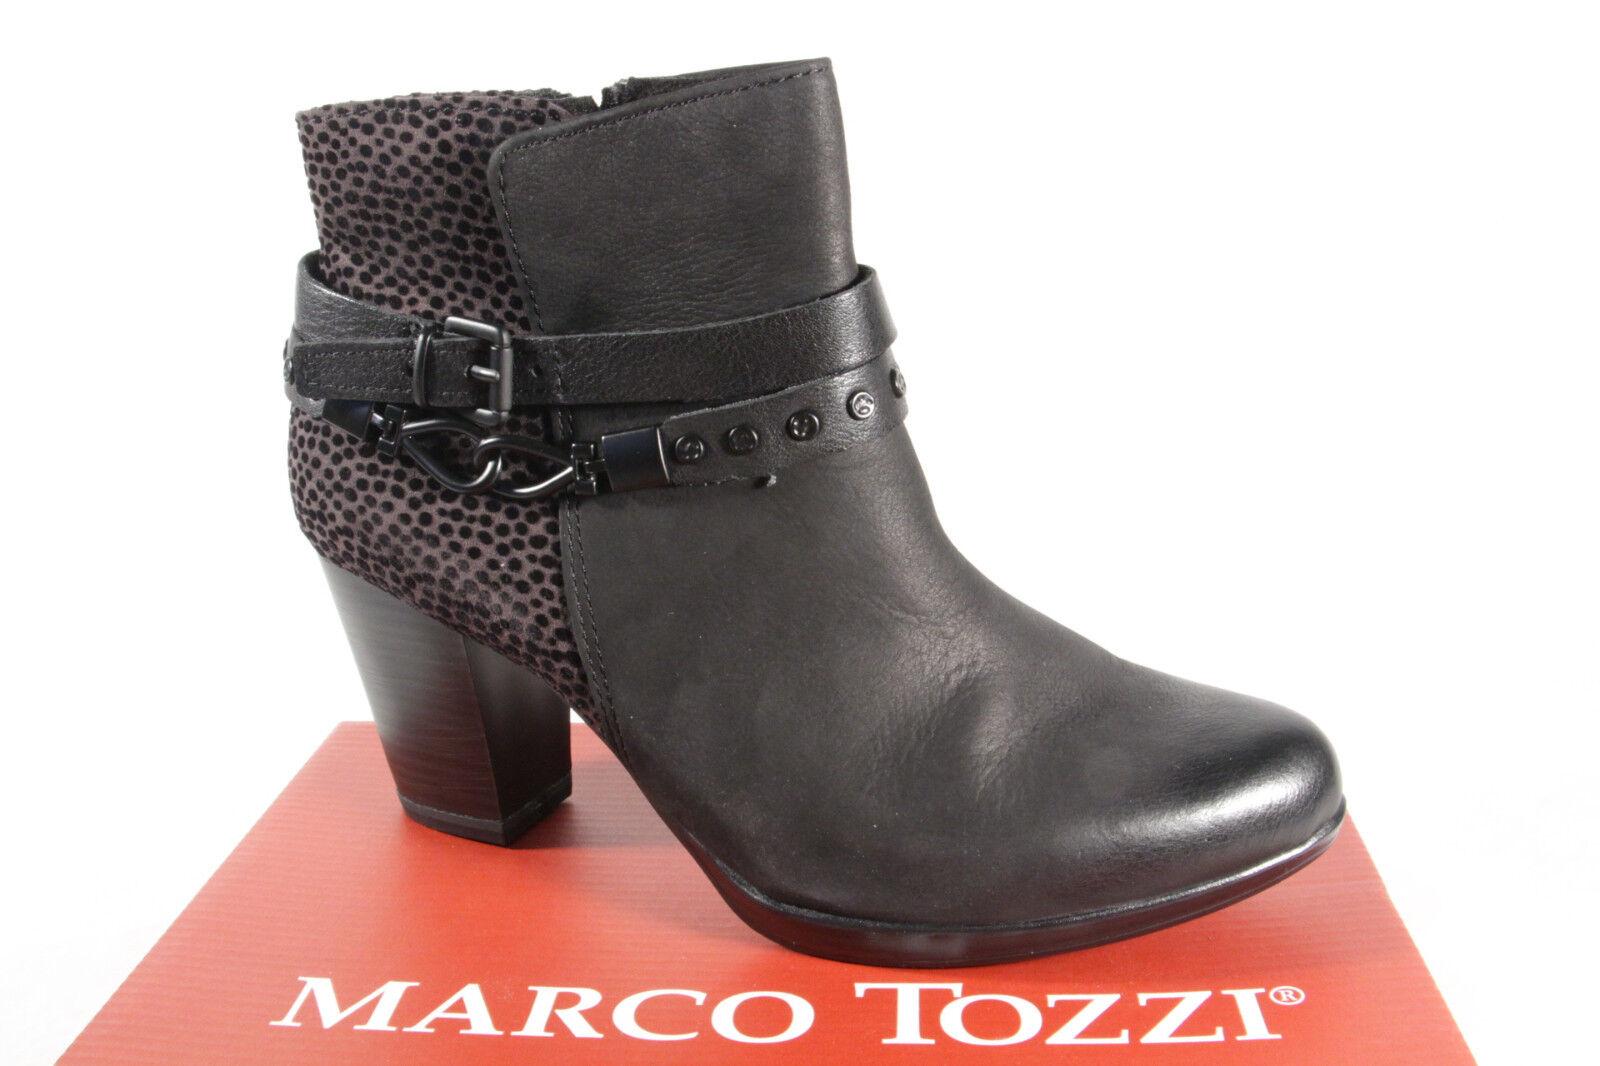 Grandes zapatos con descuento Marco Tozzi 25001 Botas mujer, Botines, Botas Negro NUEVO